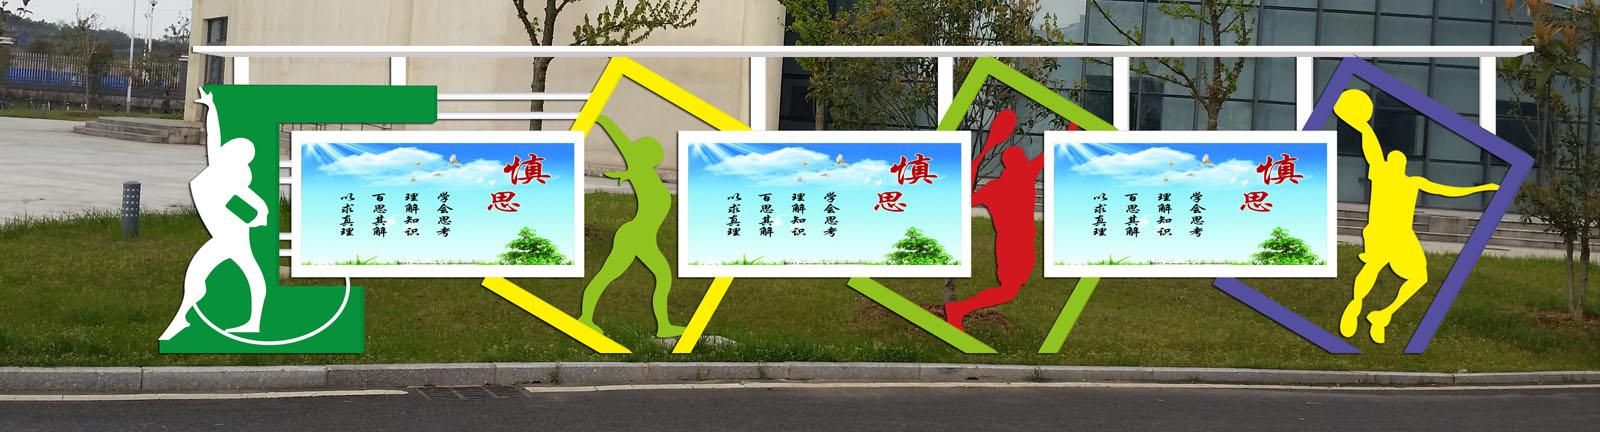 蚌埠公交候车亭